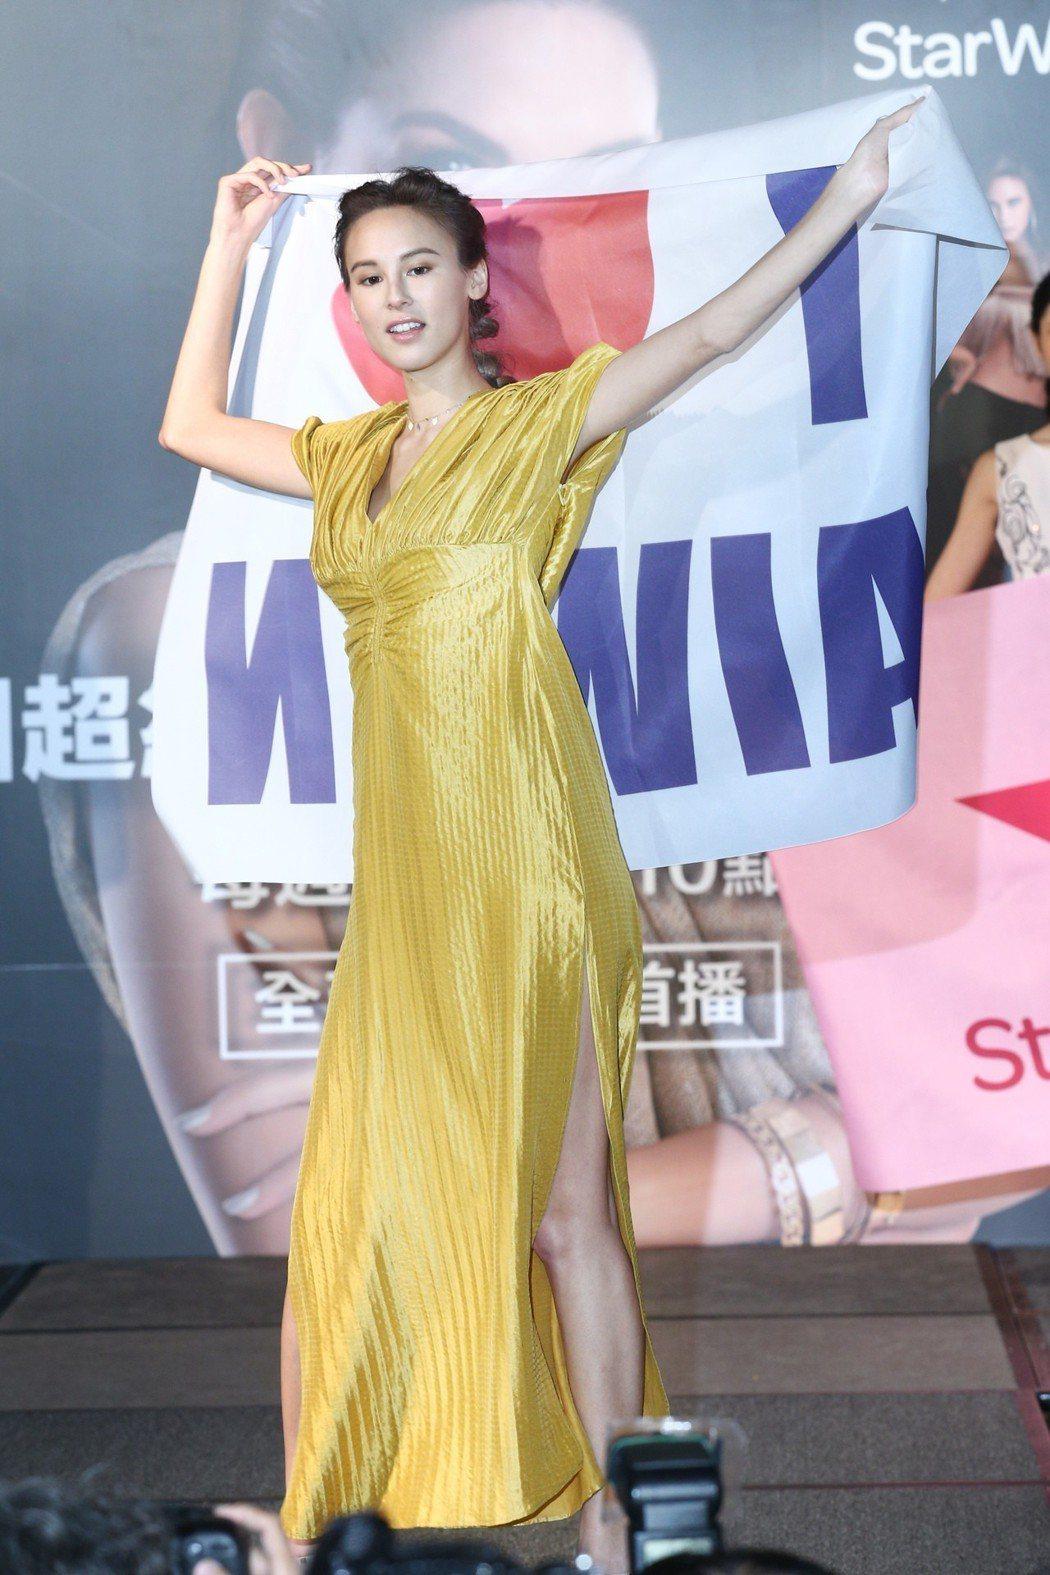 第六季白彌兒下午出席Star World「亞洲超級名模生死鬥」最新第六季記者會,...